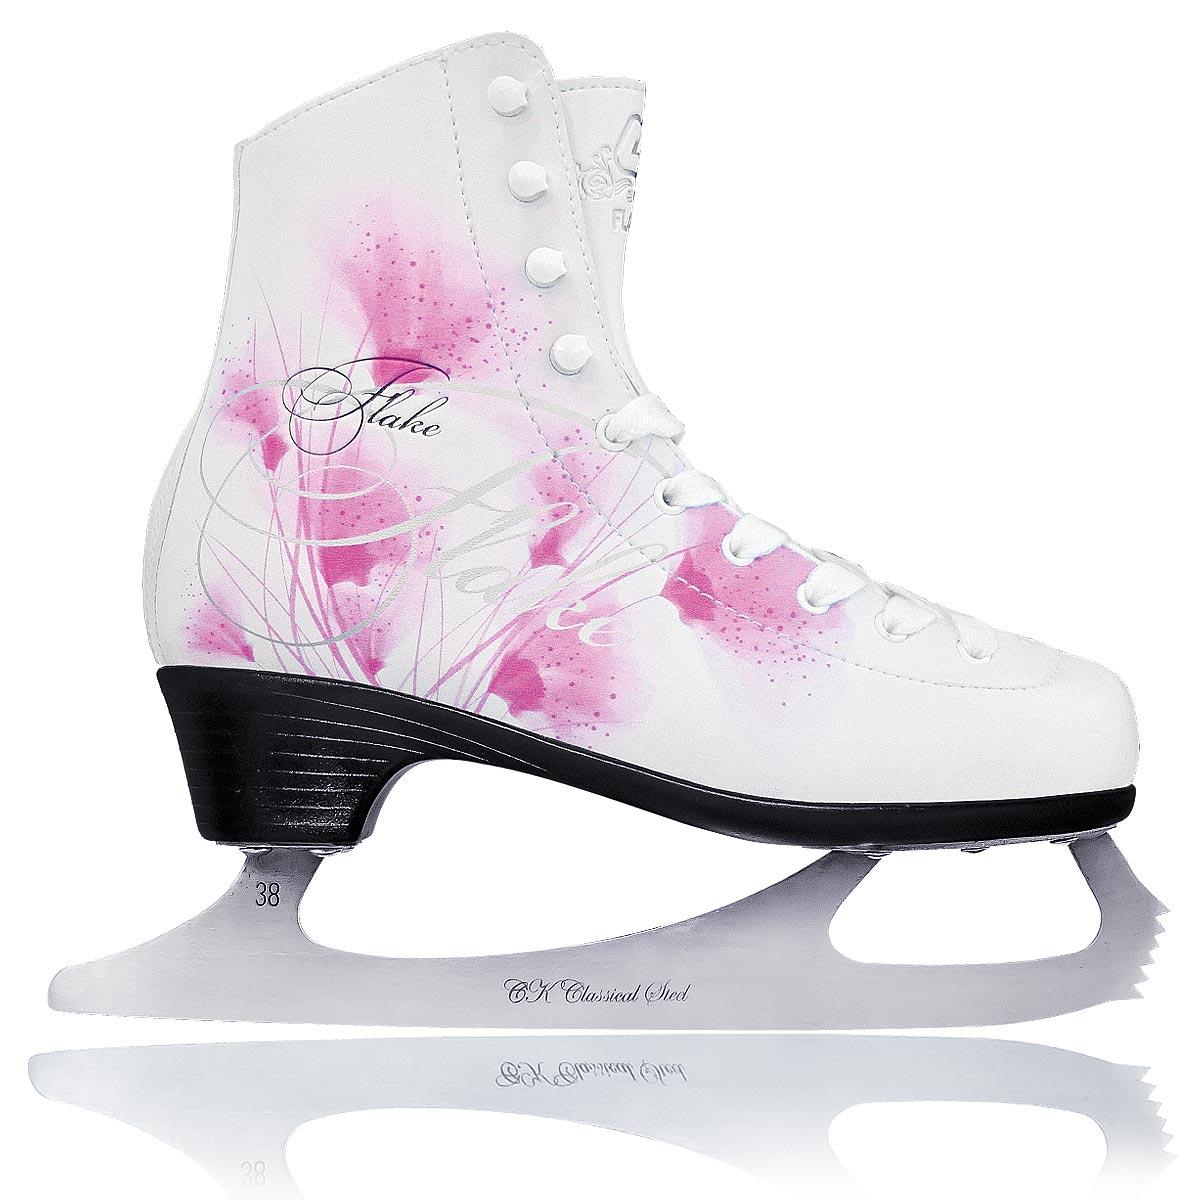 Коньки фигурные для девочки CK Flake Leather, цвет: белый, фуксия. Размер 34